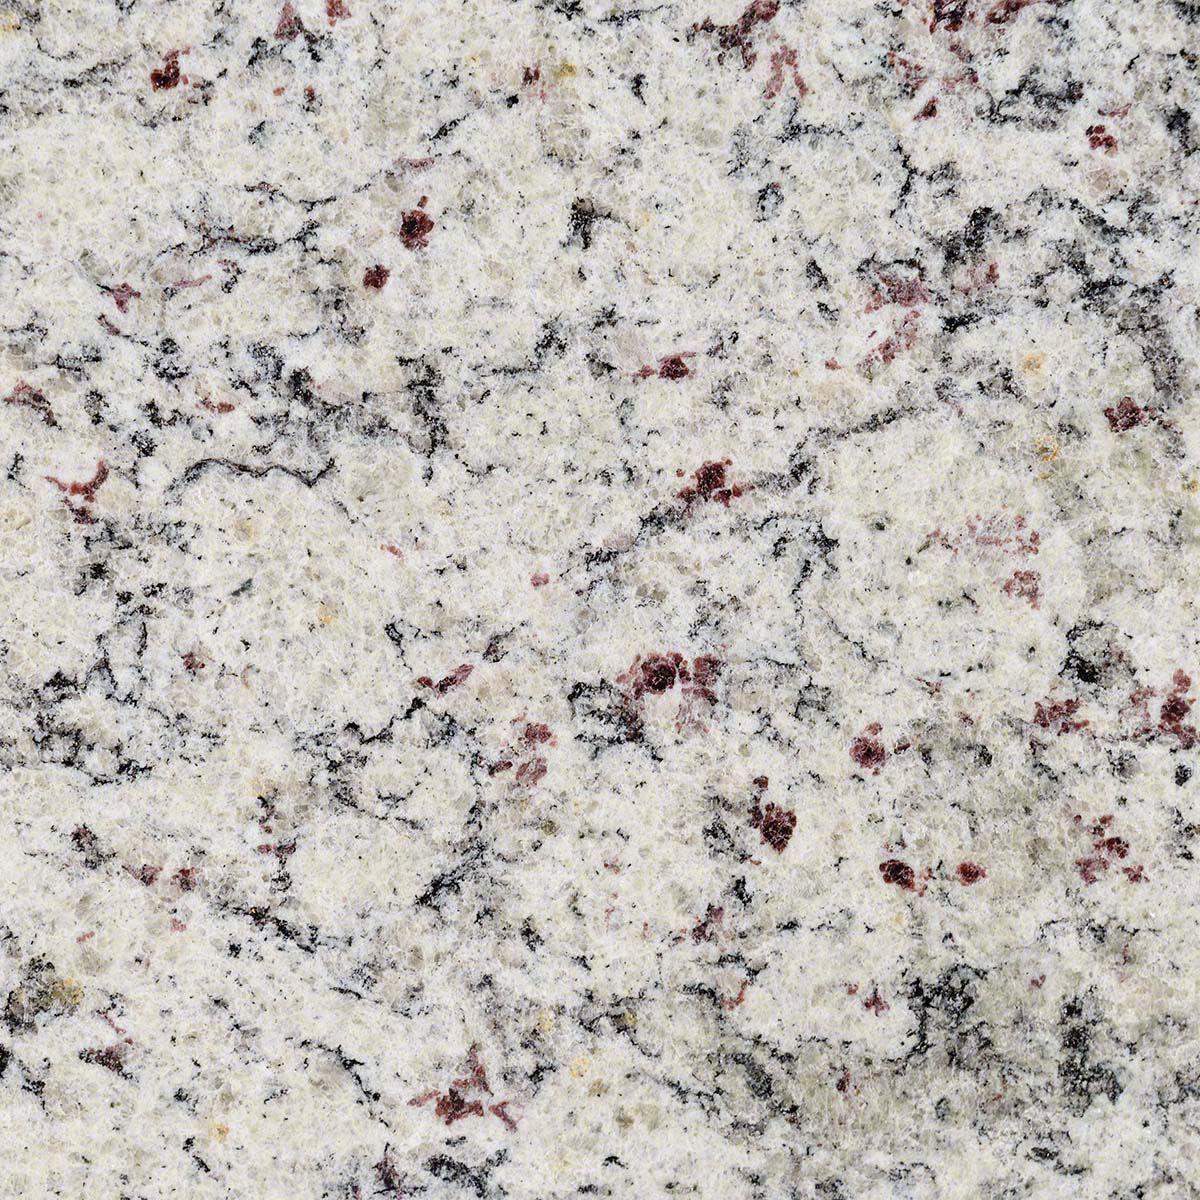 Best S F Real Granite Slab Granite Slab Cabinets To Go Granite 400 x 300